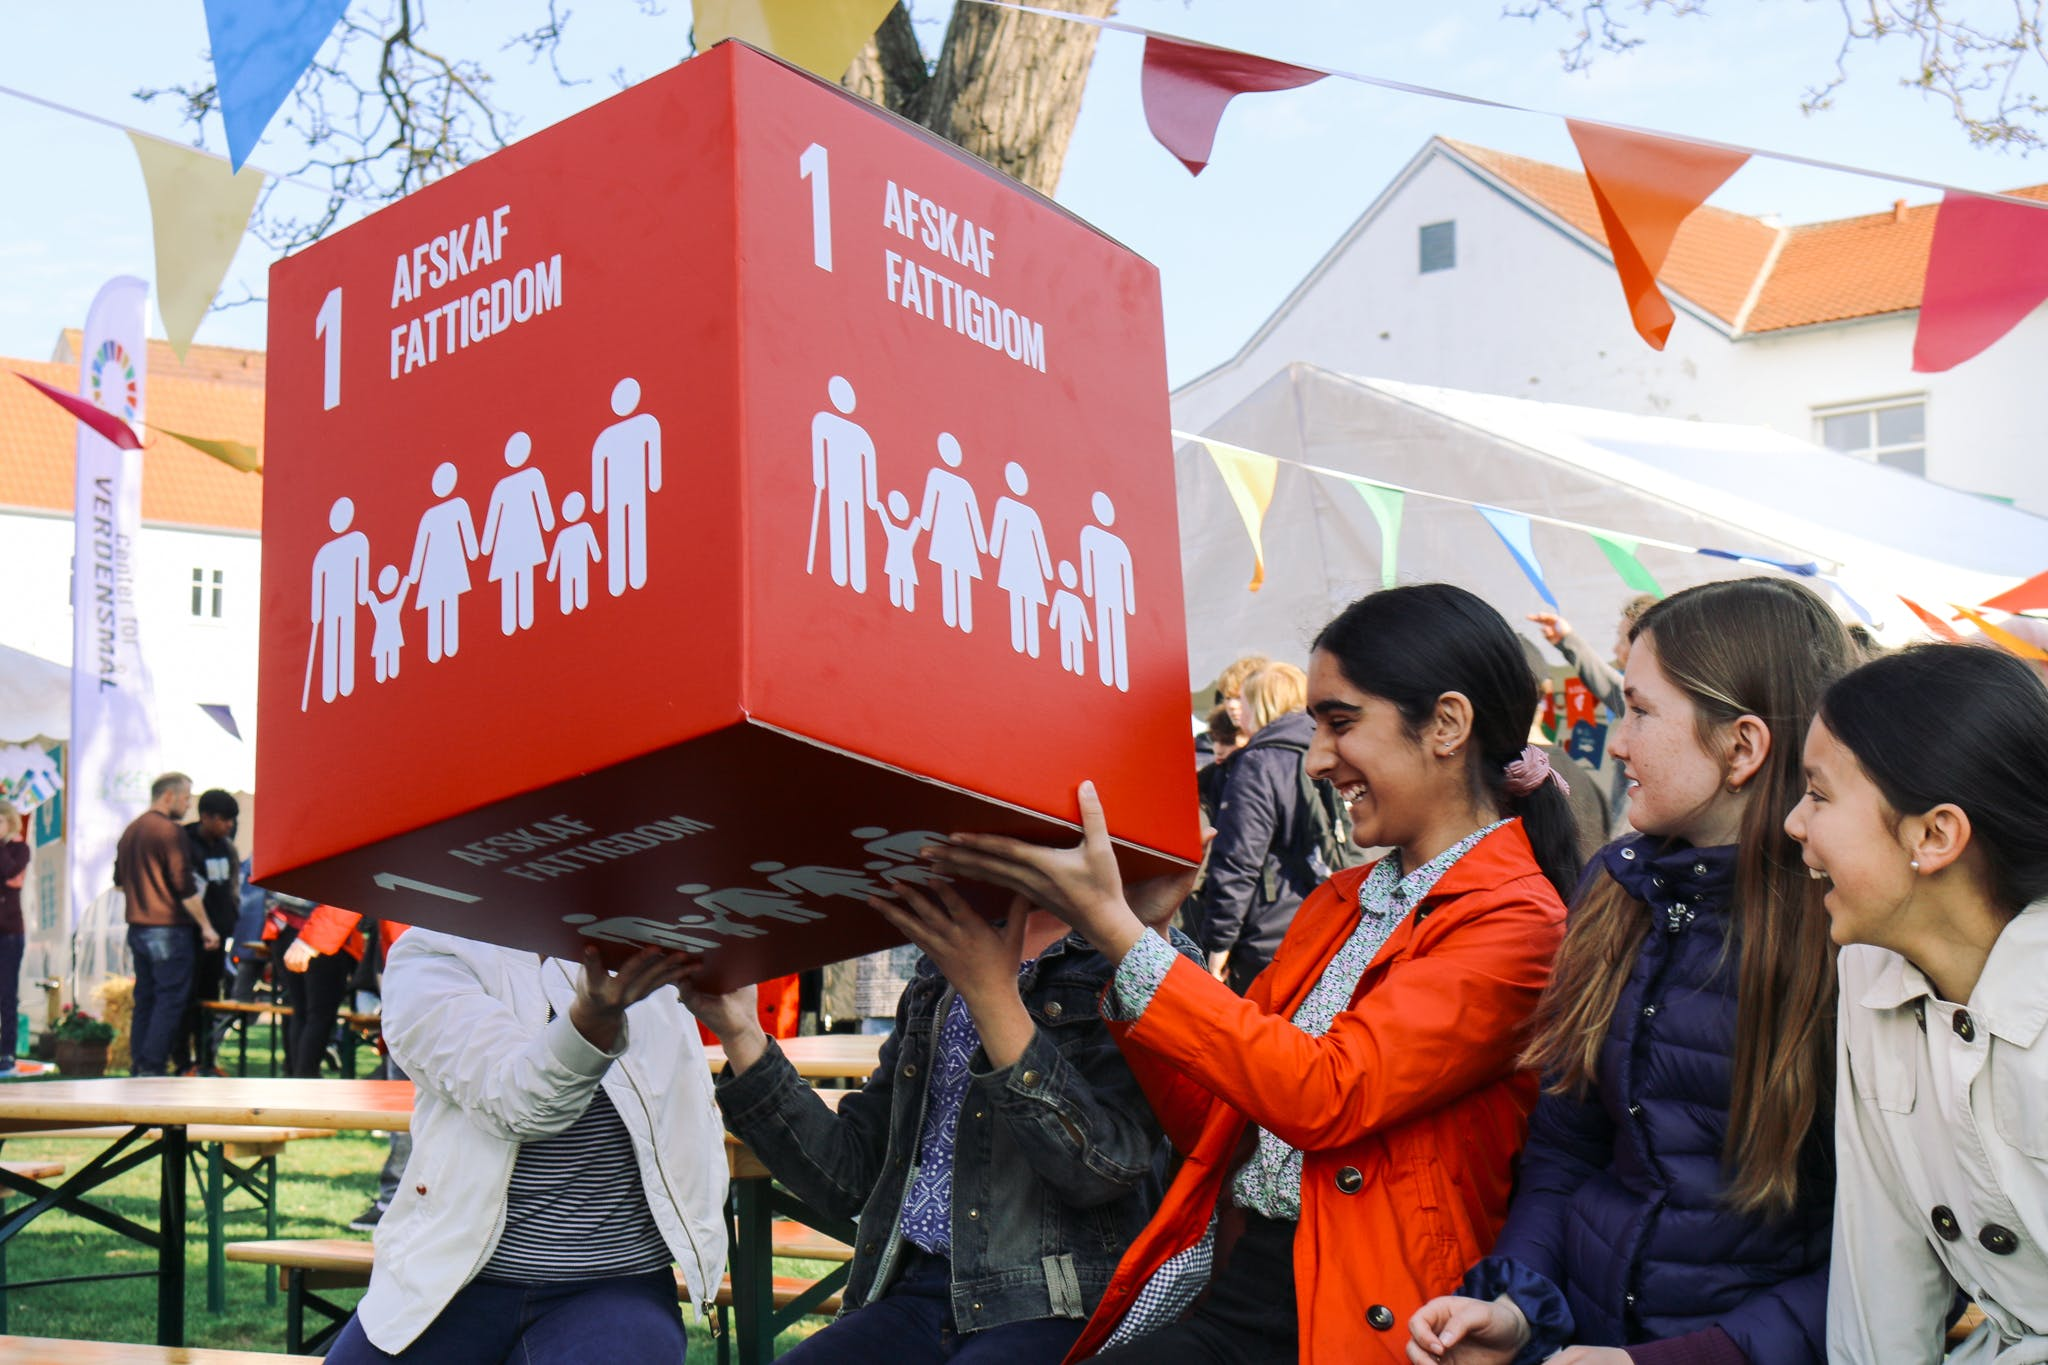 Børn og skoleelever oplevede Verdensmålene i Sønderborg. Foto: Laura Werup/Sustainable Now